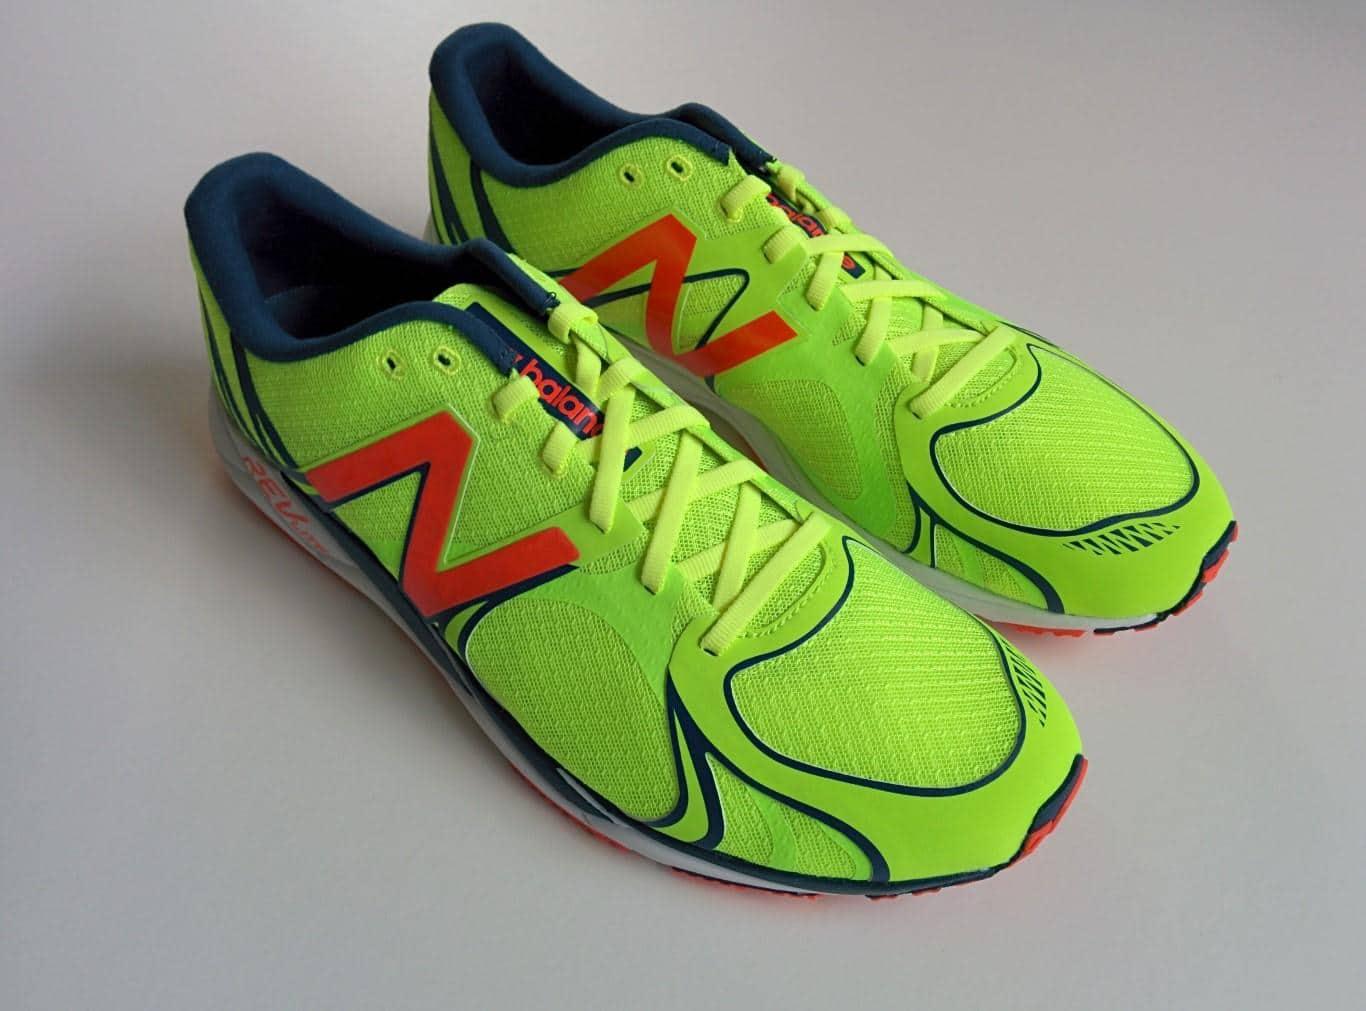 New Balance Race 1400 v3